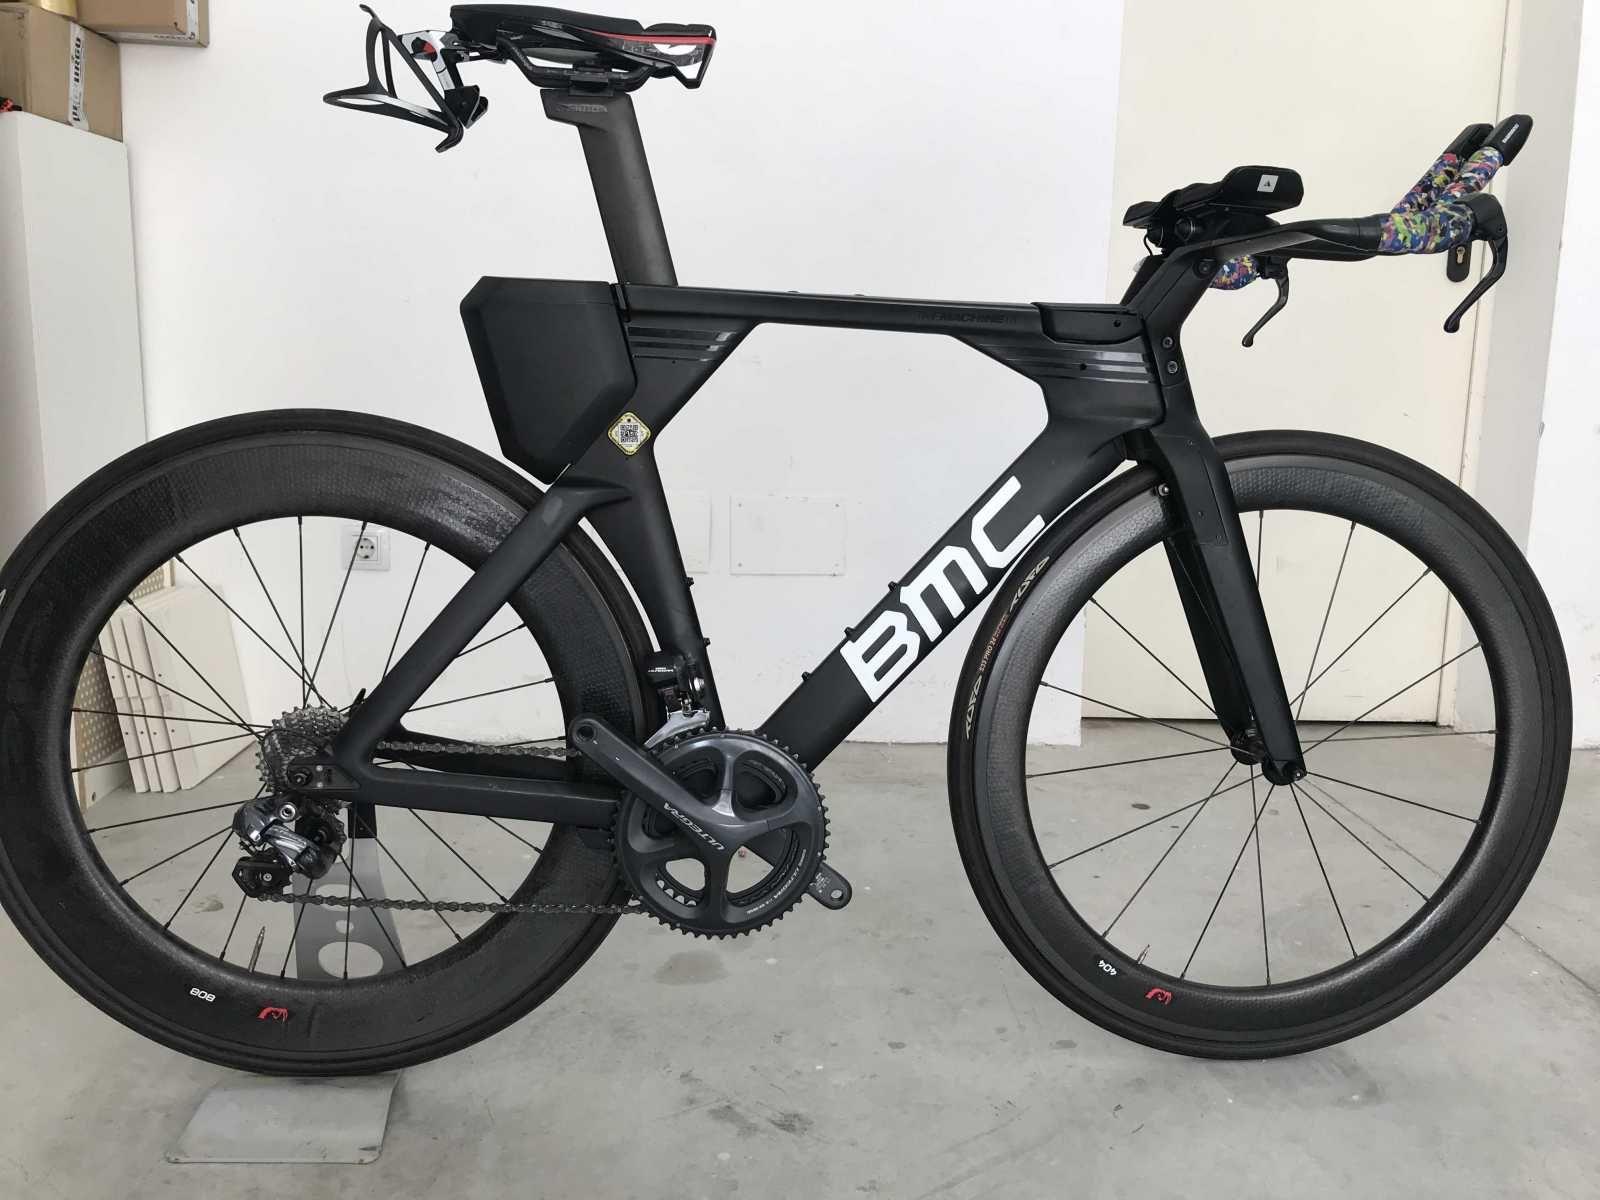 6f10ab557f2 Bicicleta aero de contrarreloj BMC Timemachine 01. Ref: 36154. Talla M. Año